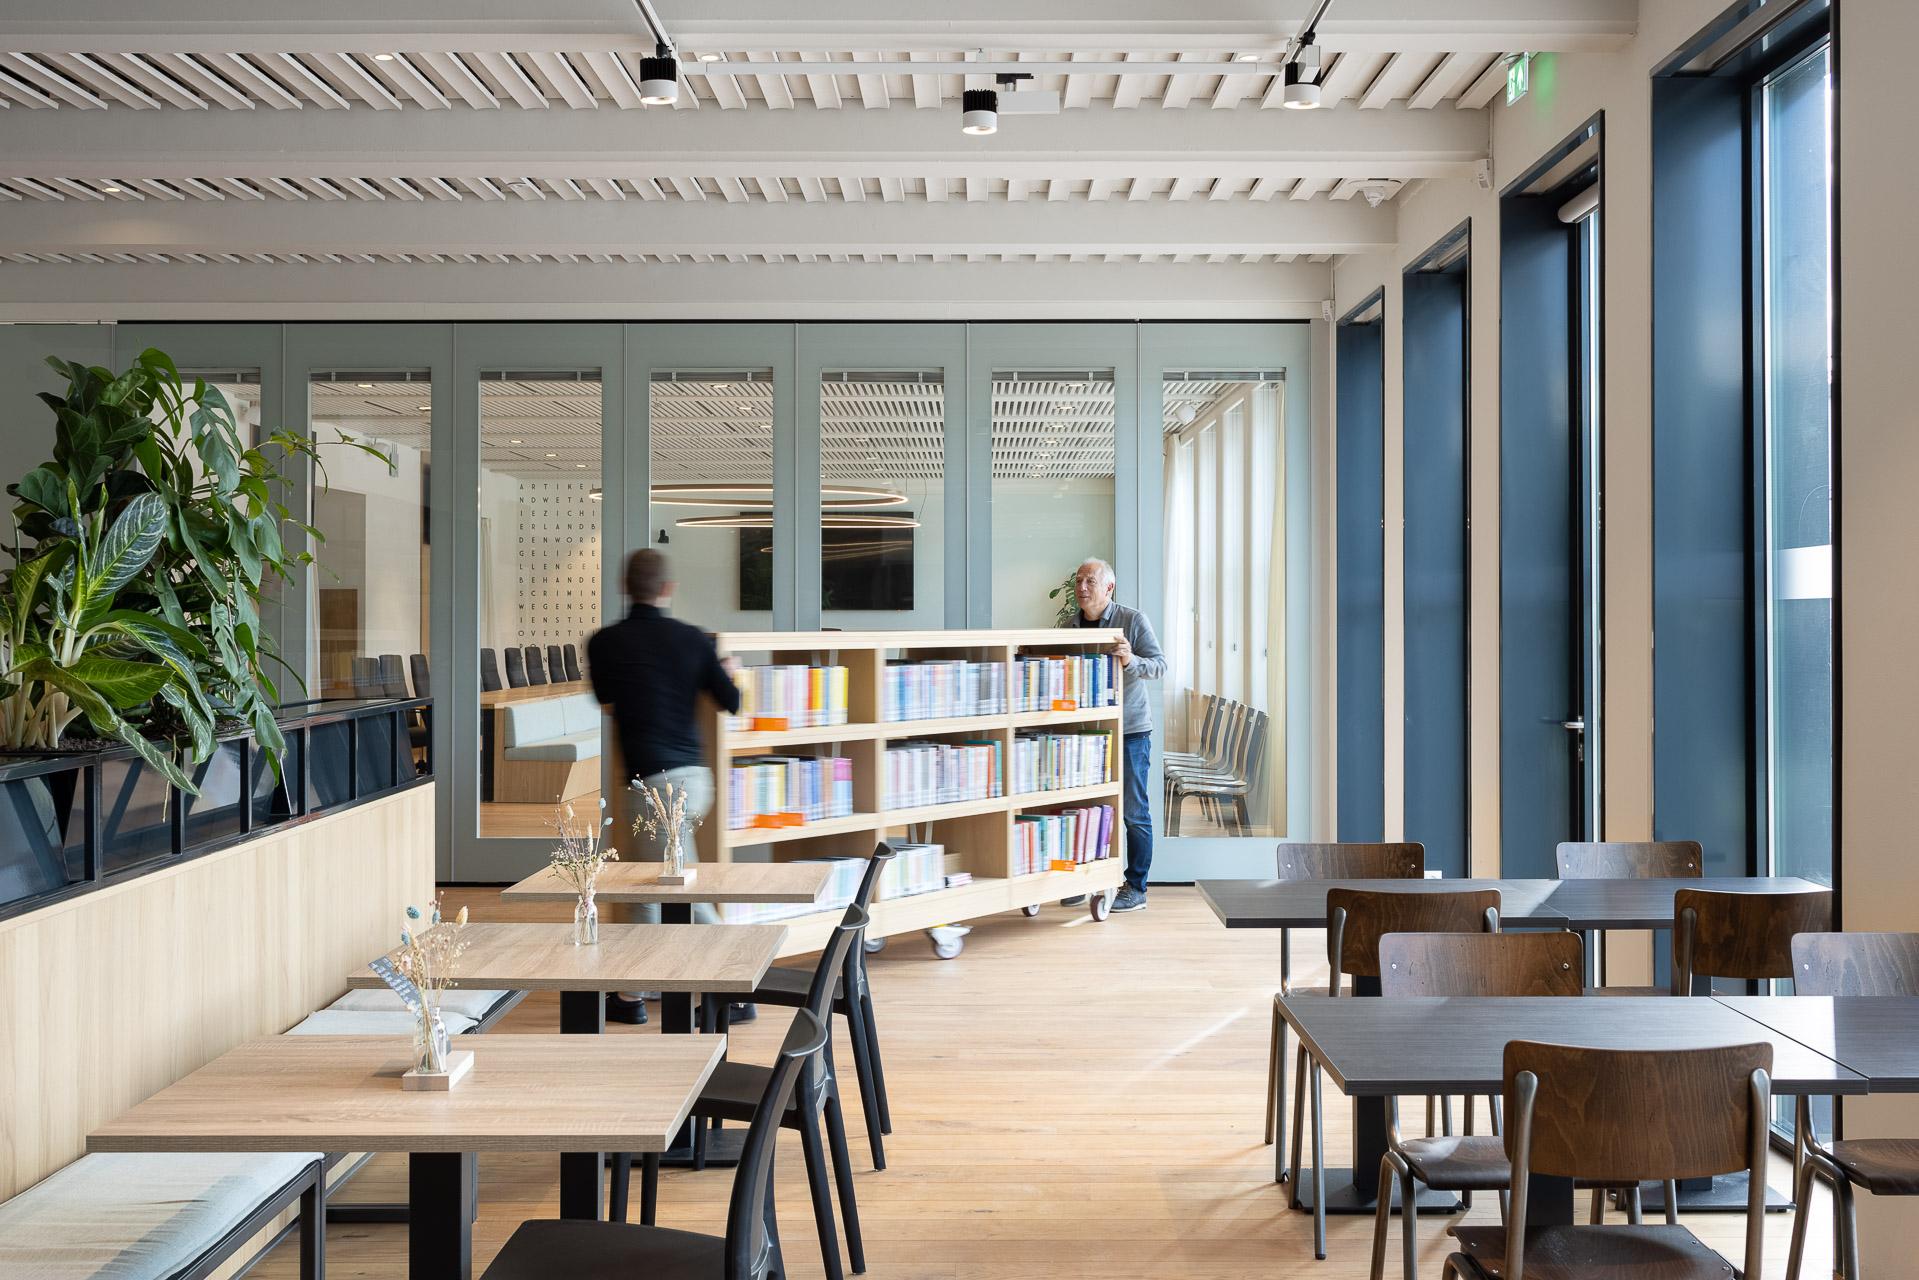 SP2020-Gemeentehuis-Alblasserdam-DP6-Architectuurfoto-interieurfoto-9